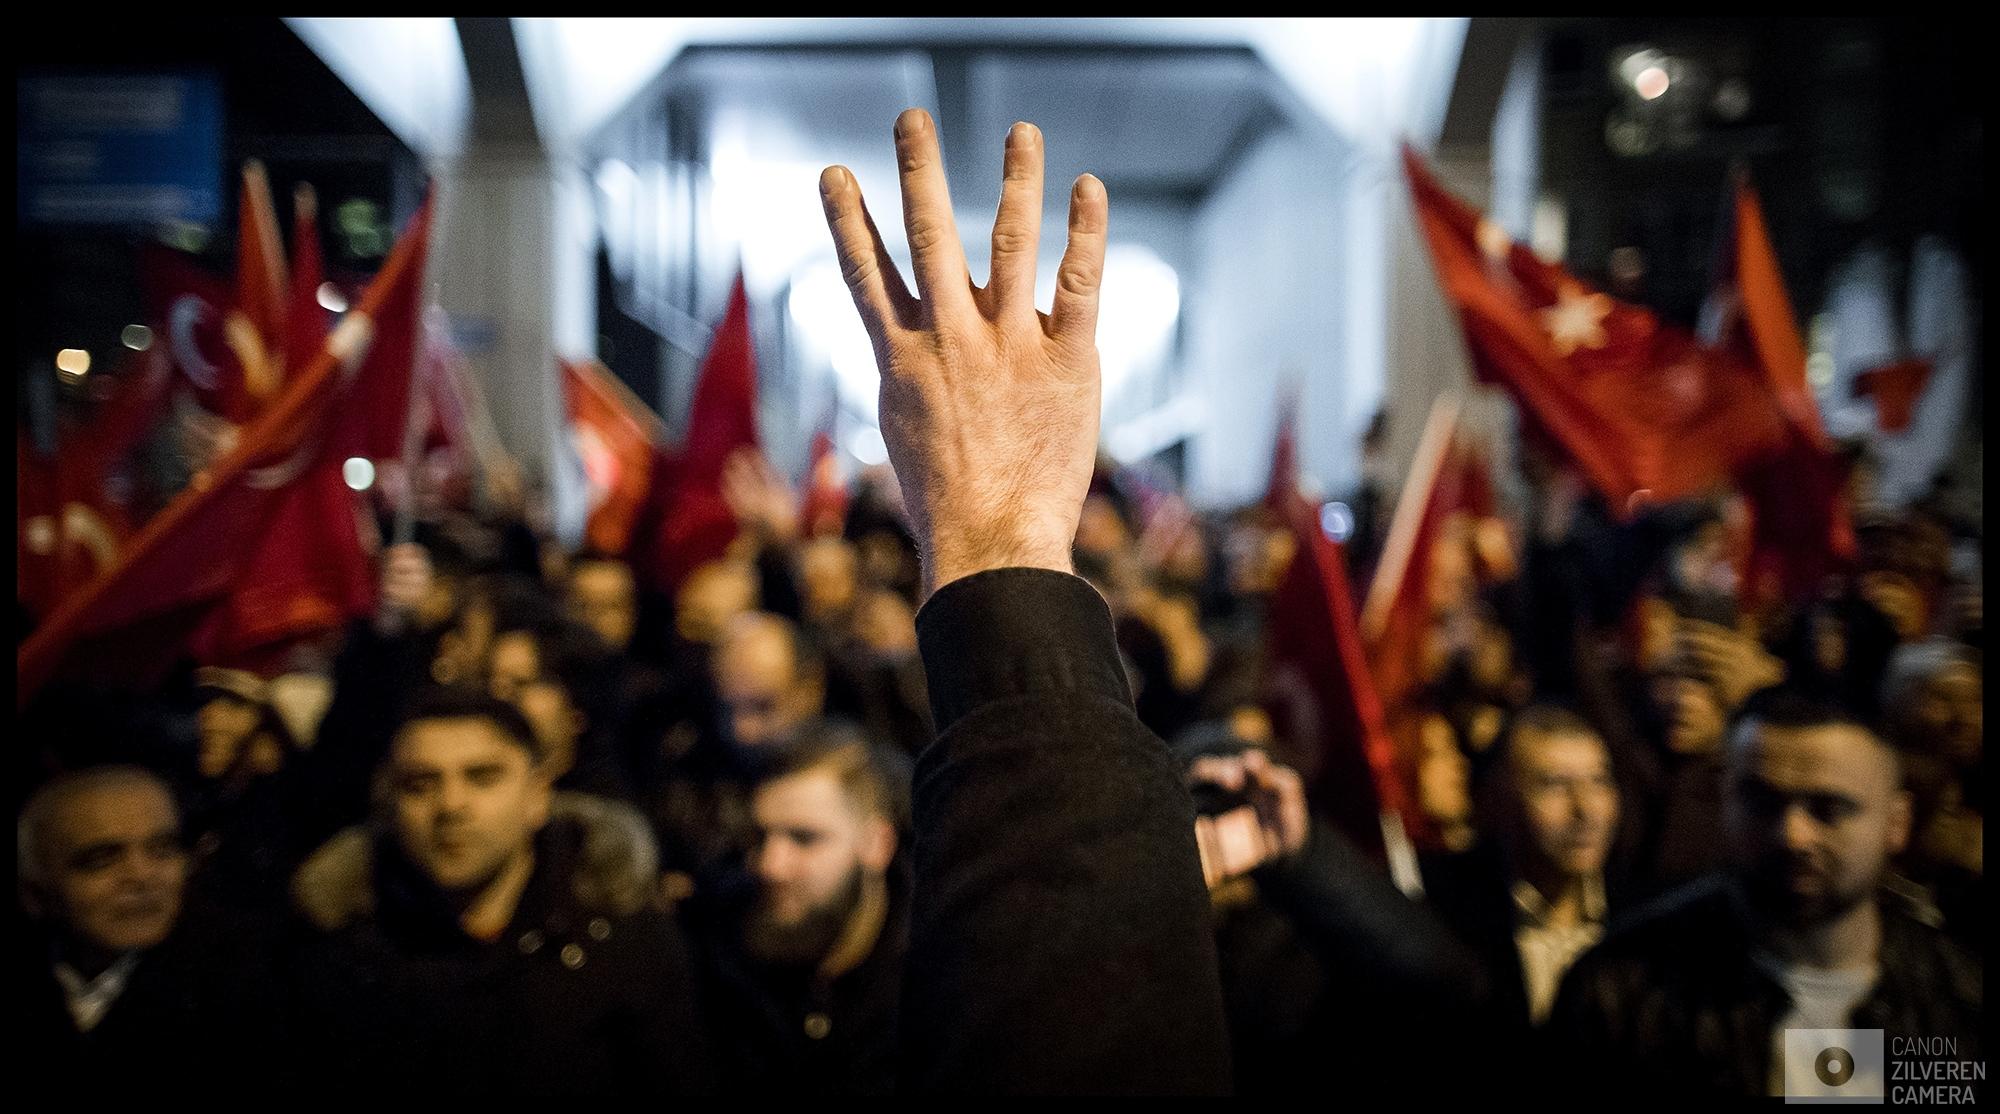 ROTTERDAM - Een demonstrant maakt het rabaa-teken, een teken van steun aan de AKP Partij van Erdogan. Een woedende menigte van Turks Nederlandse Erdogan-aanhangers demonstreert bij het Turkse consulaat aan Westblaak in Rotterdam, waar de Turkse minister Fatma Betul Sayan Kaya van Familiezaken en toespraak wil houden over het Turkse referendum. Eerder op de dag is bekend geworden dat de minister met een auto vanuit Duitsland naar Rotterdam komt.